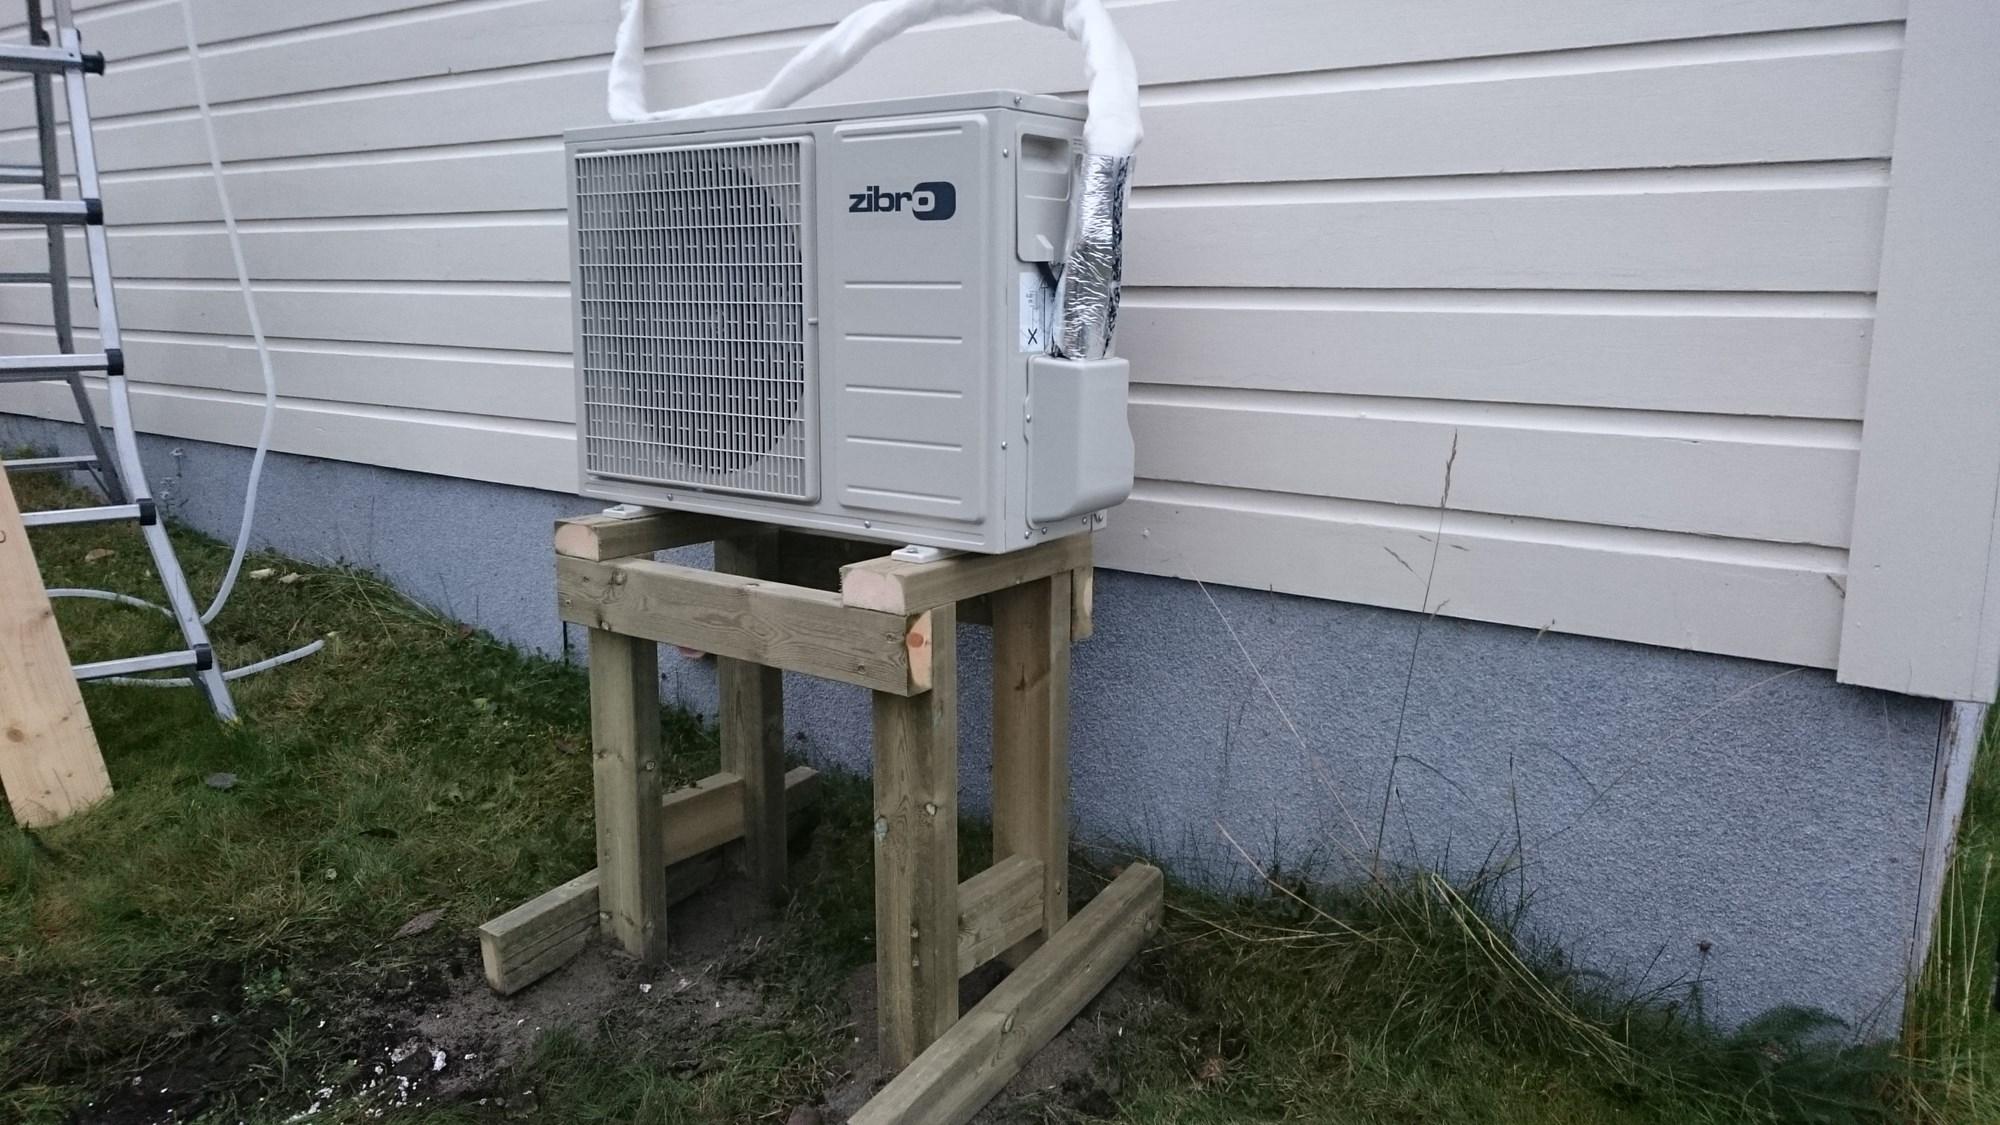 luft til luft varmepumpe test